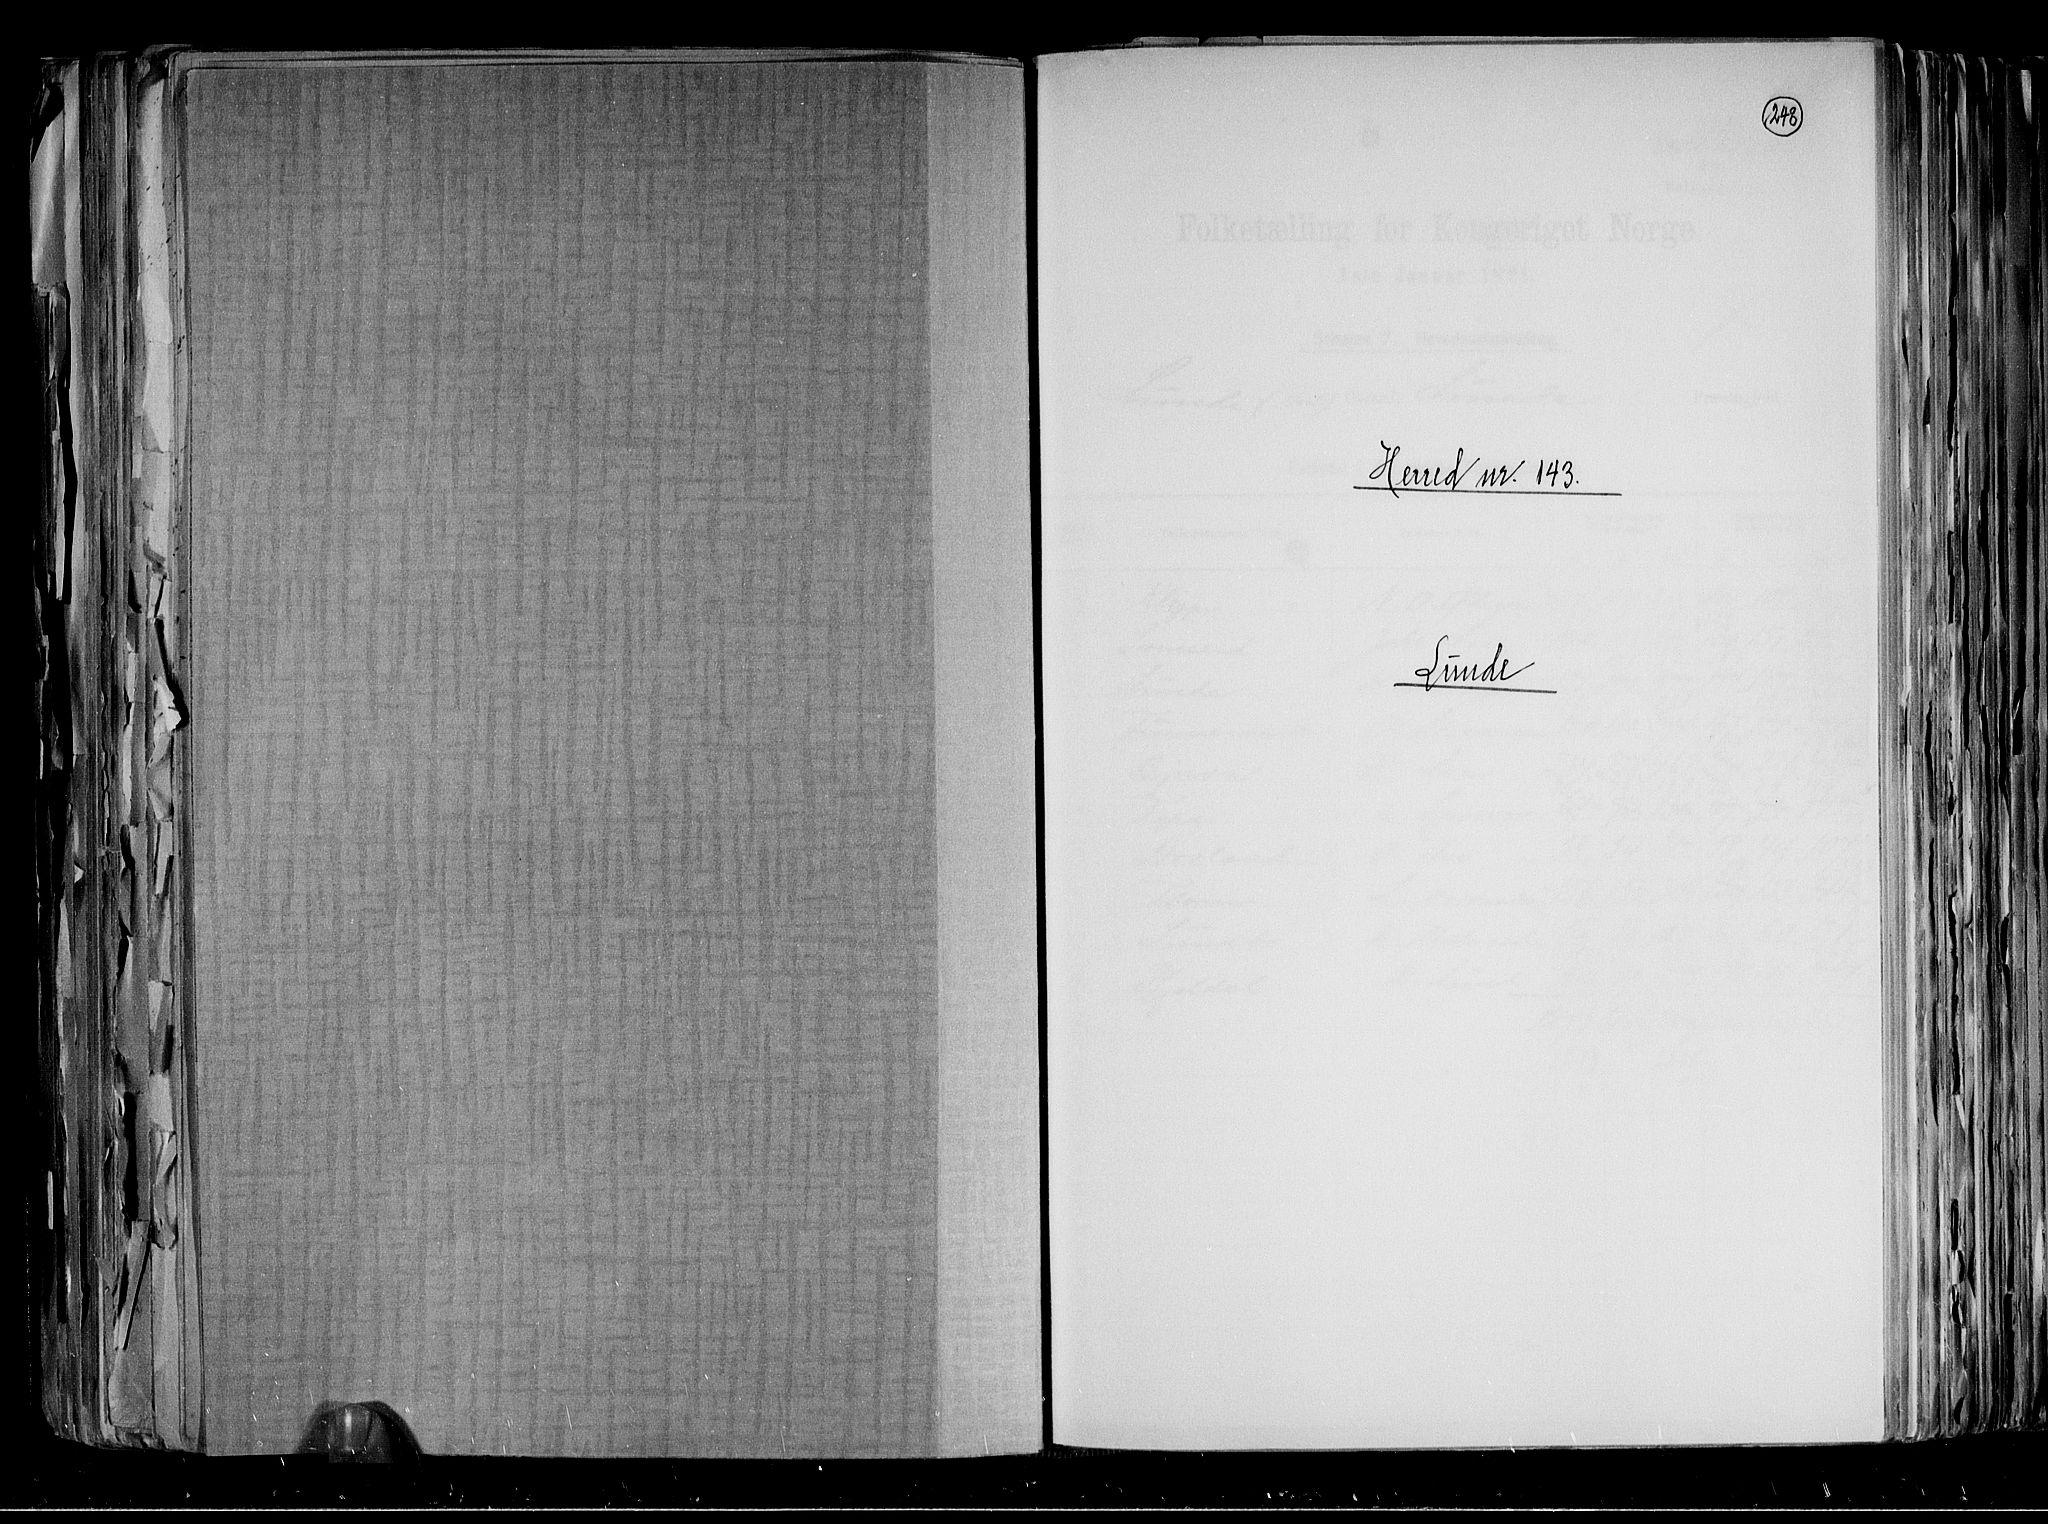 RA, Folketelling 1891 for 0820 Lunde herred, 1891, s. 1